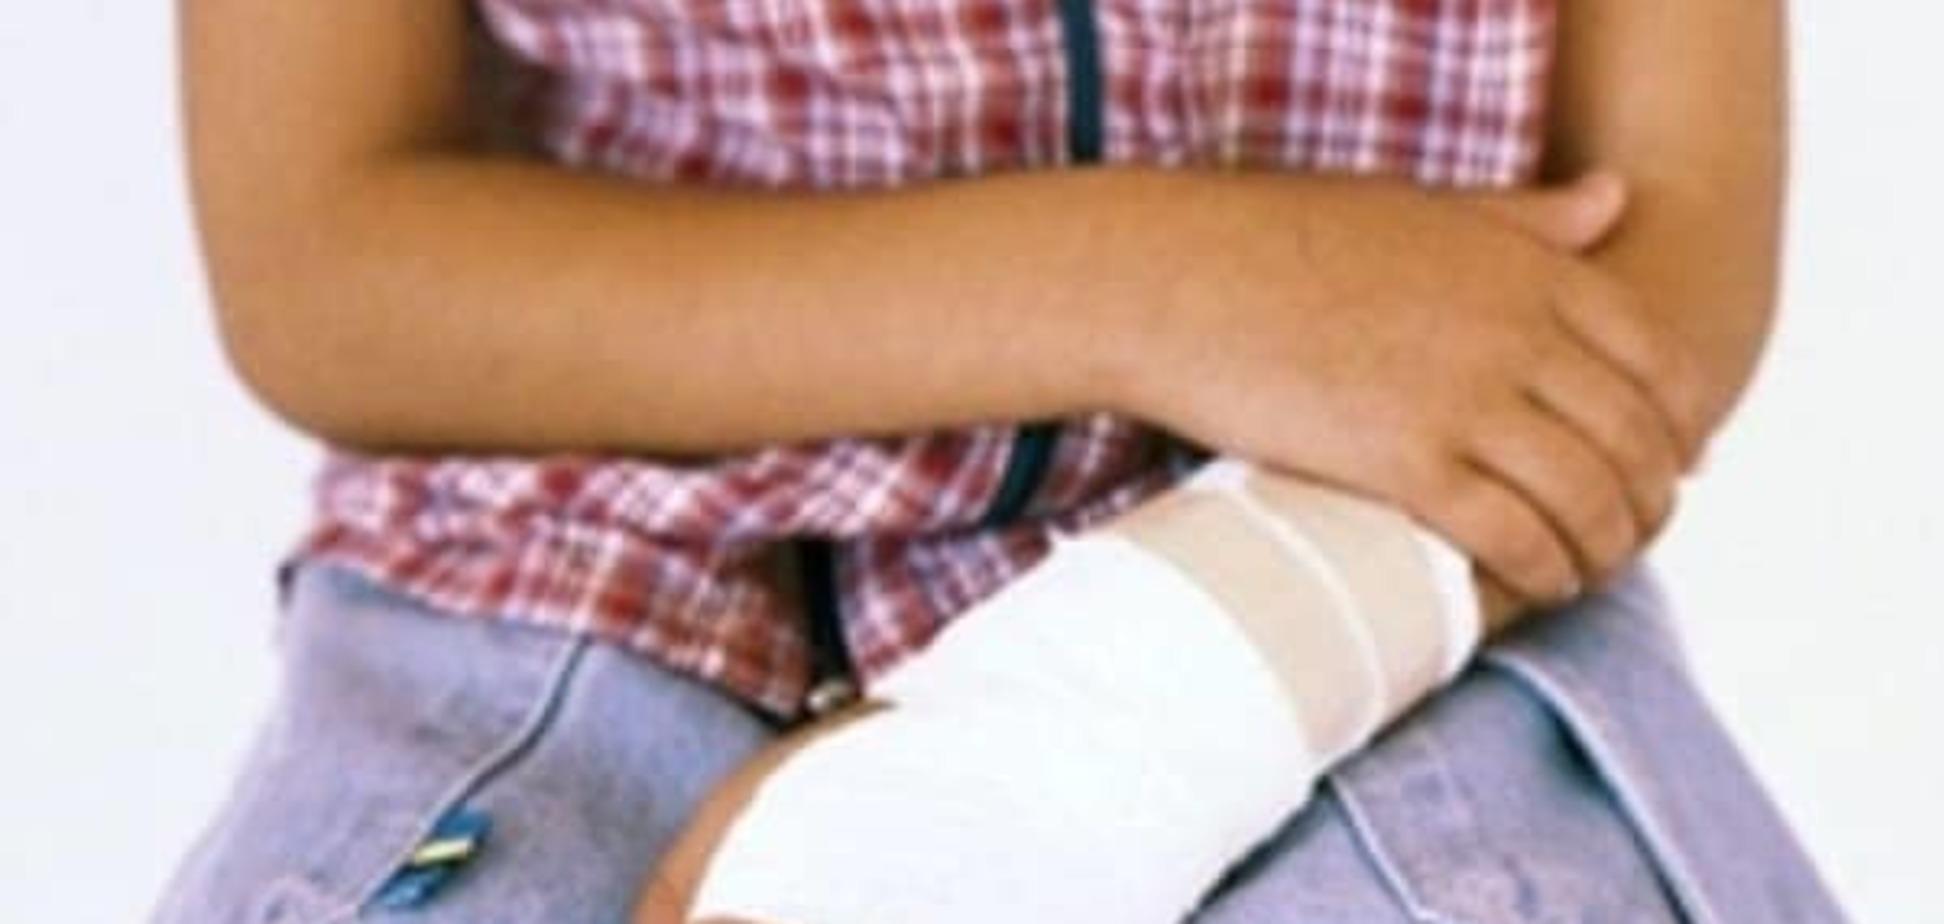 Уход за кожей под гипсовой повязкой